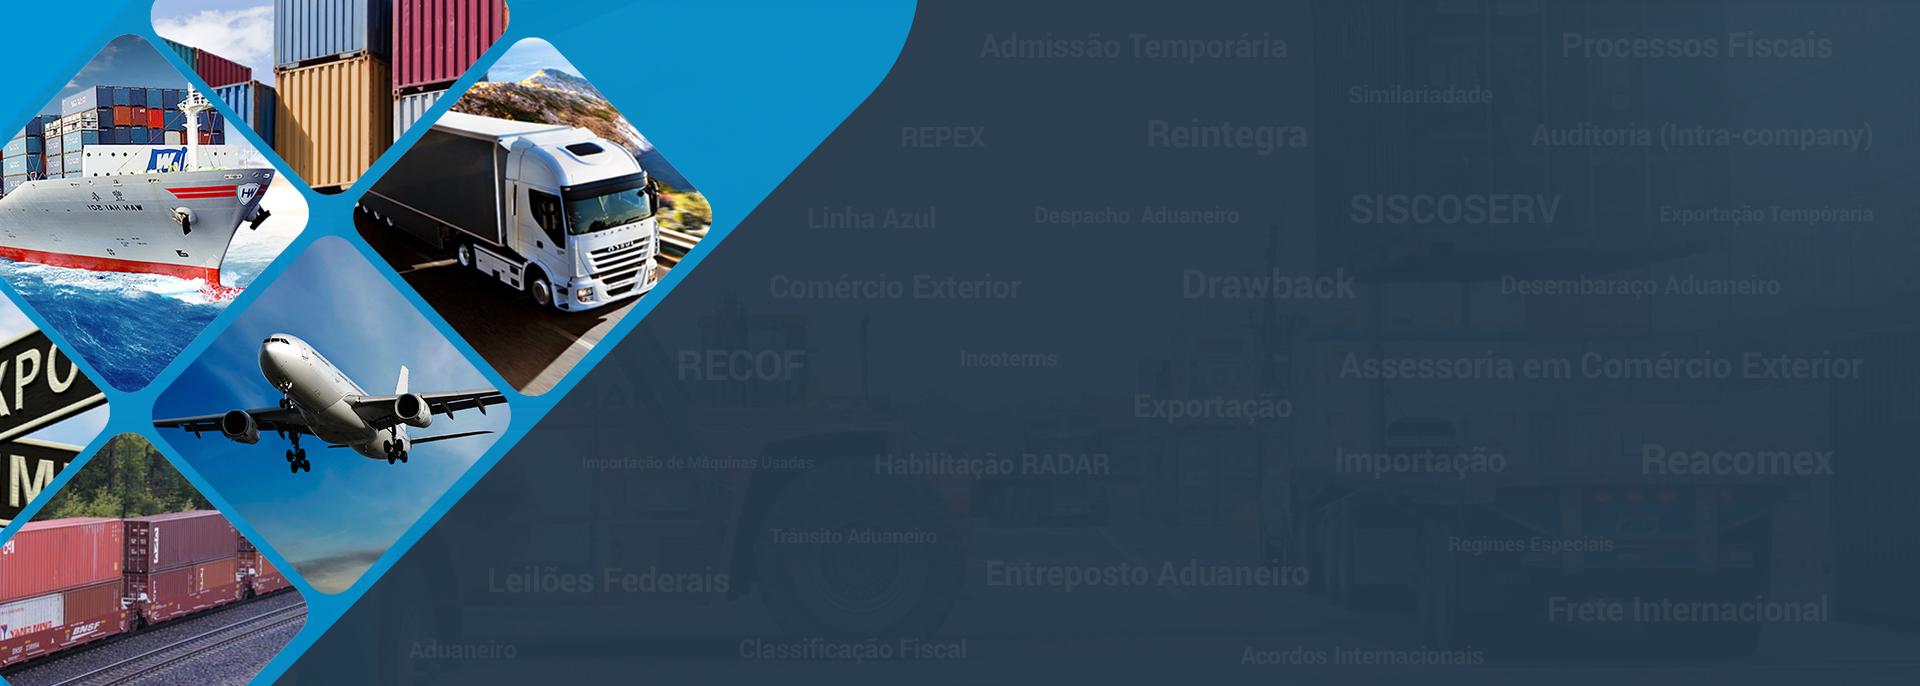 Banner Reacomex Assessoria Técnica Aduaneira